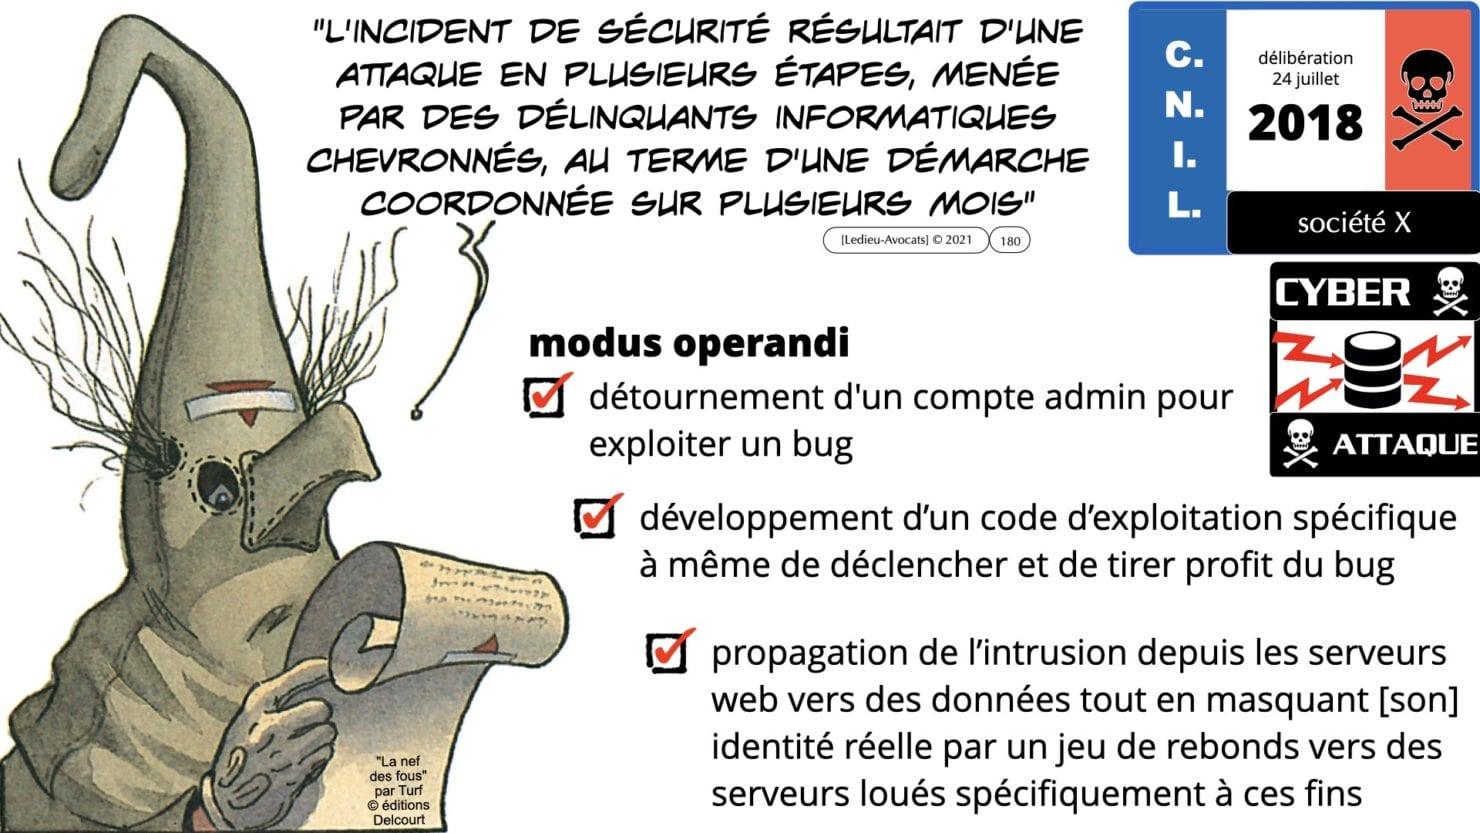 333 CYBER ATTAQUE responsabilité pénale civile contrat © Ledieu-Avocats 23-05-2021.180